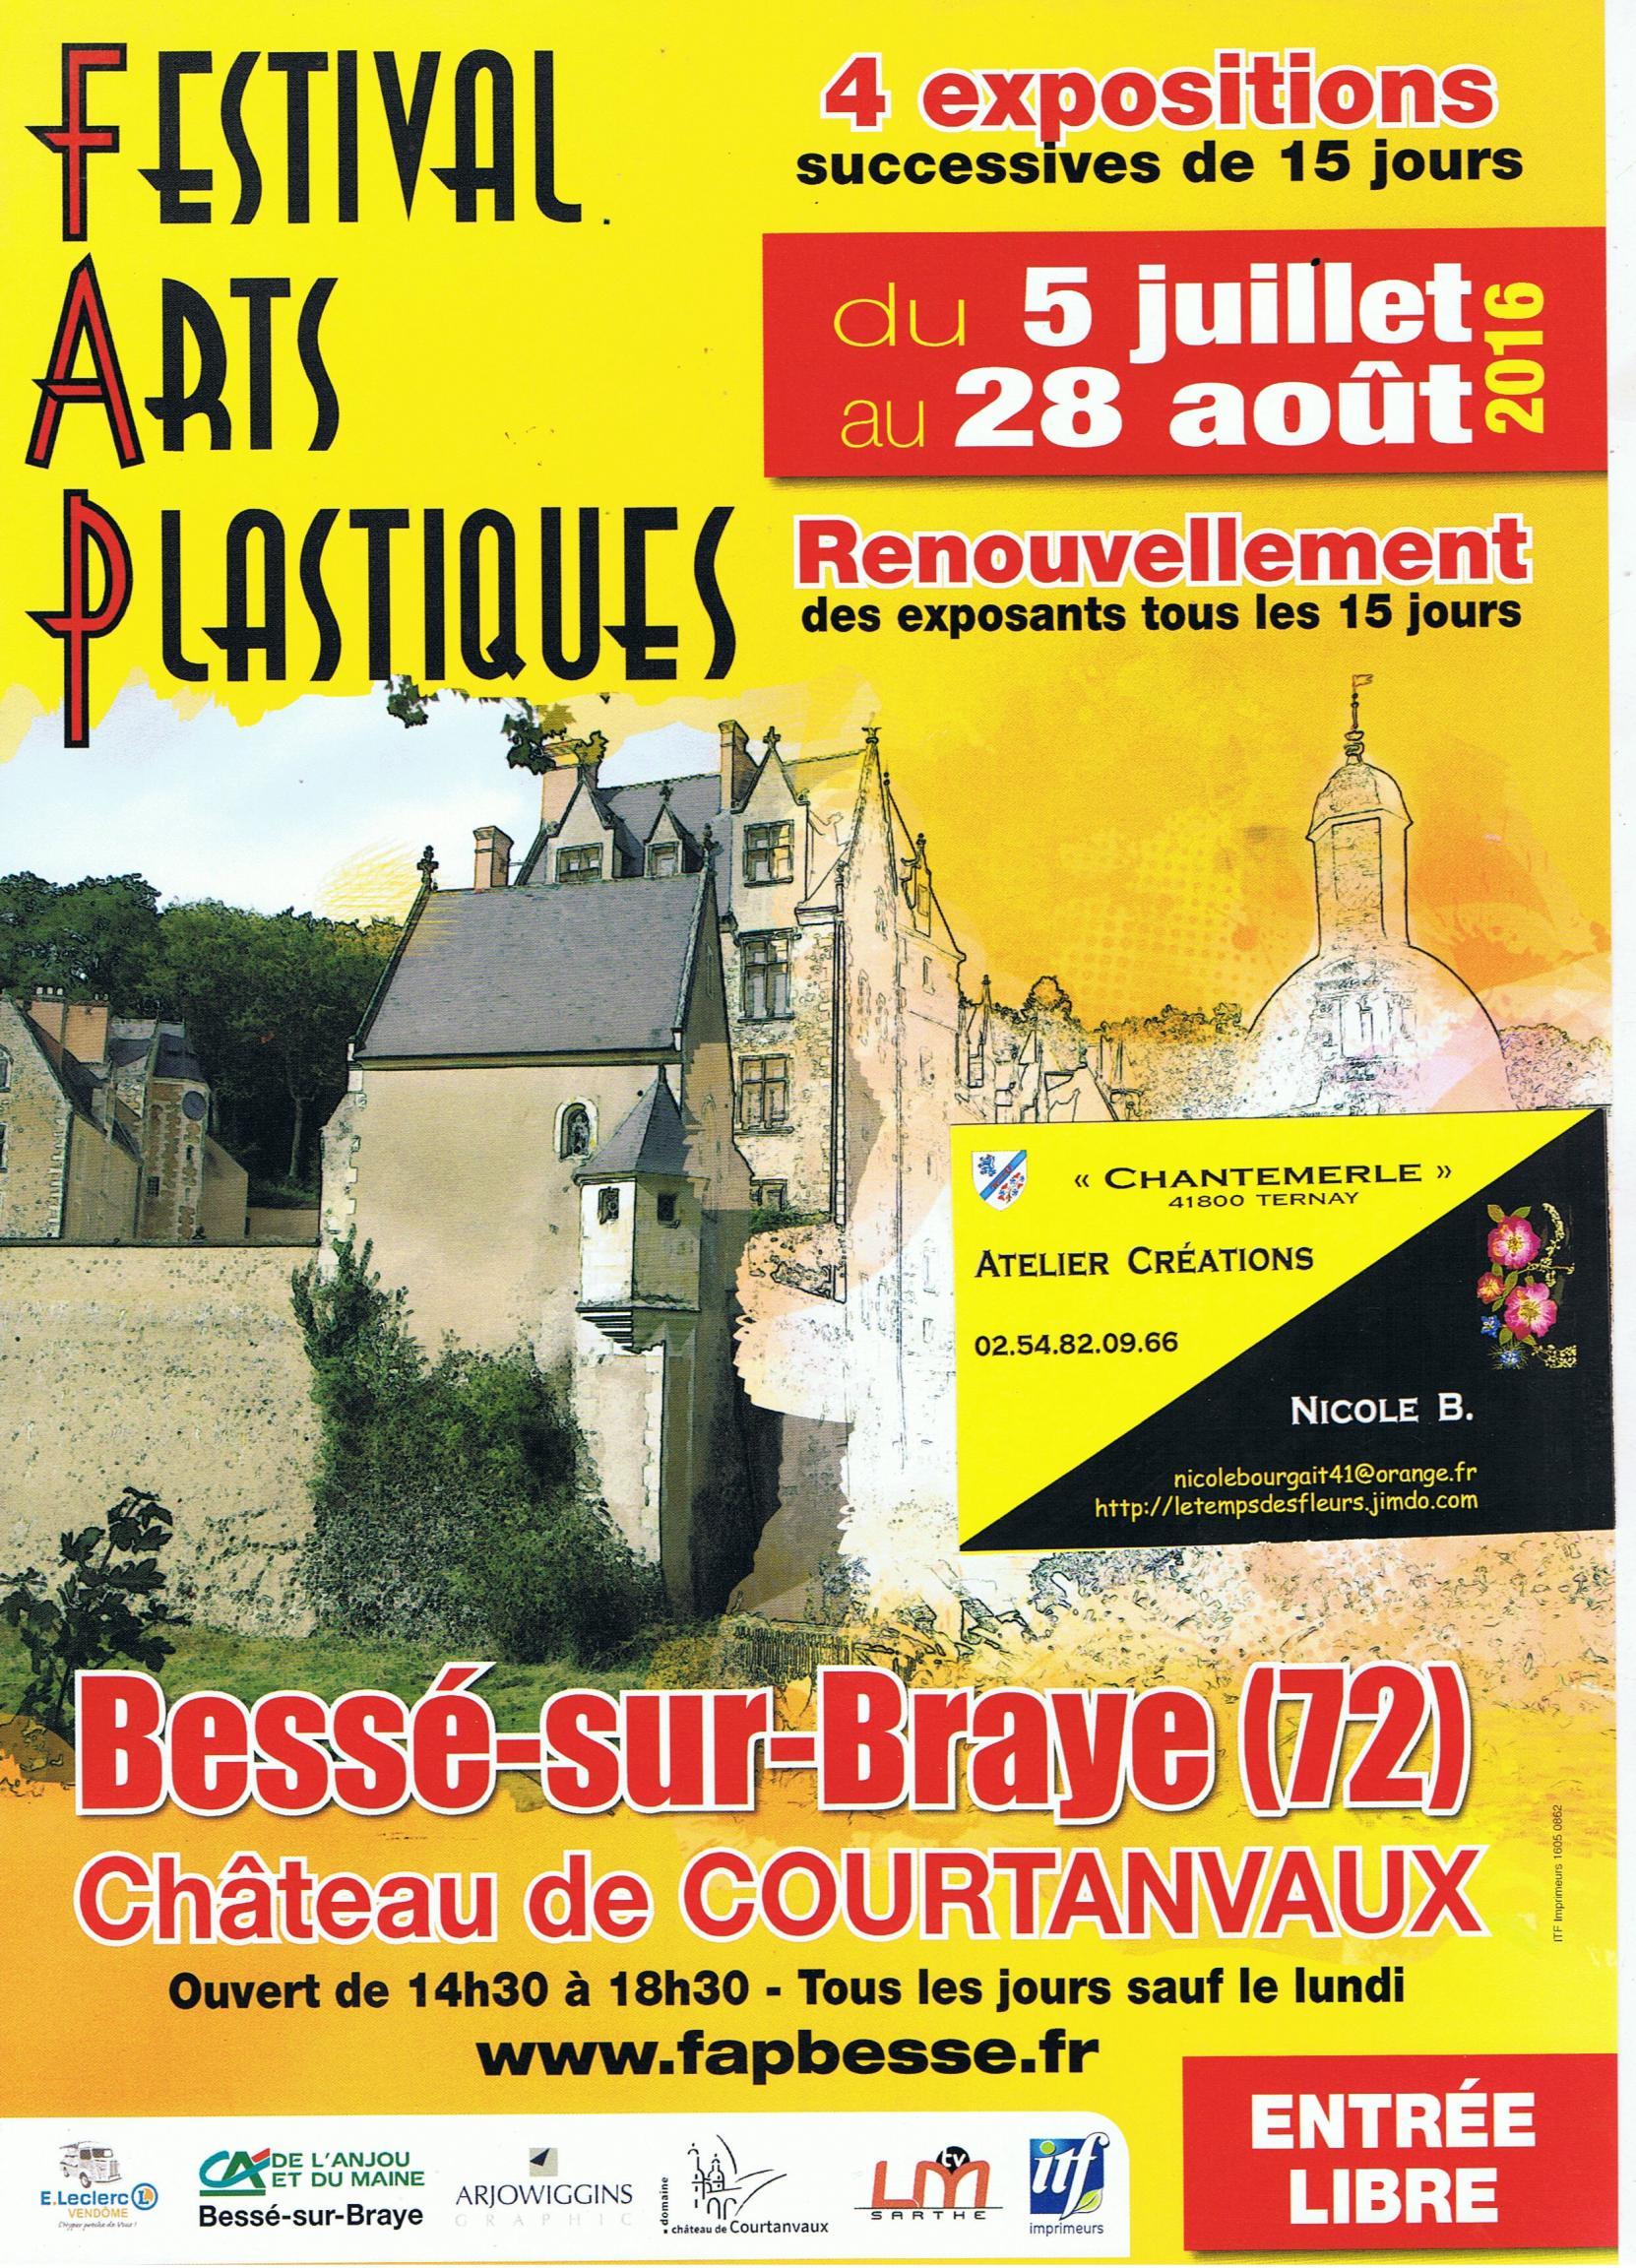 Actualité de NICOLE BOURGAIT CONCEPT VEGETAL FESTIVAL ARTS PLASTIQUES BESSE SUR BRAYE SARTHE